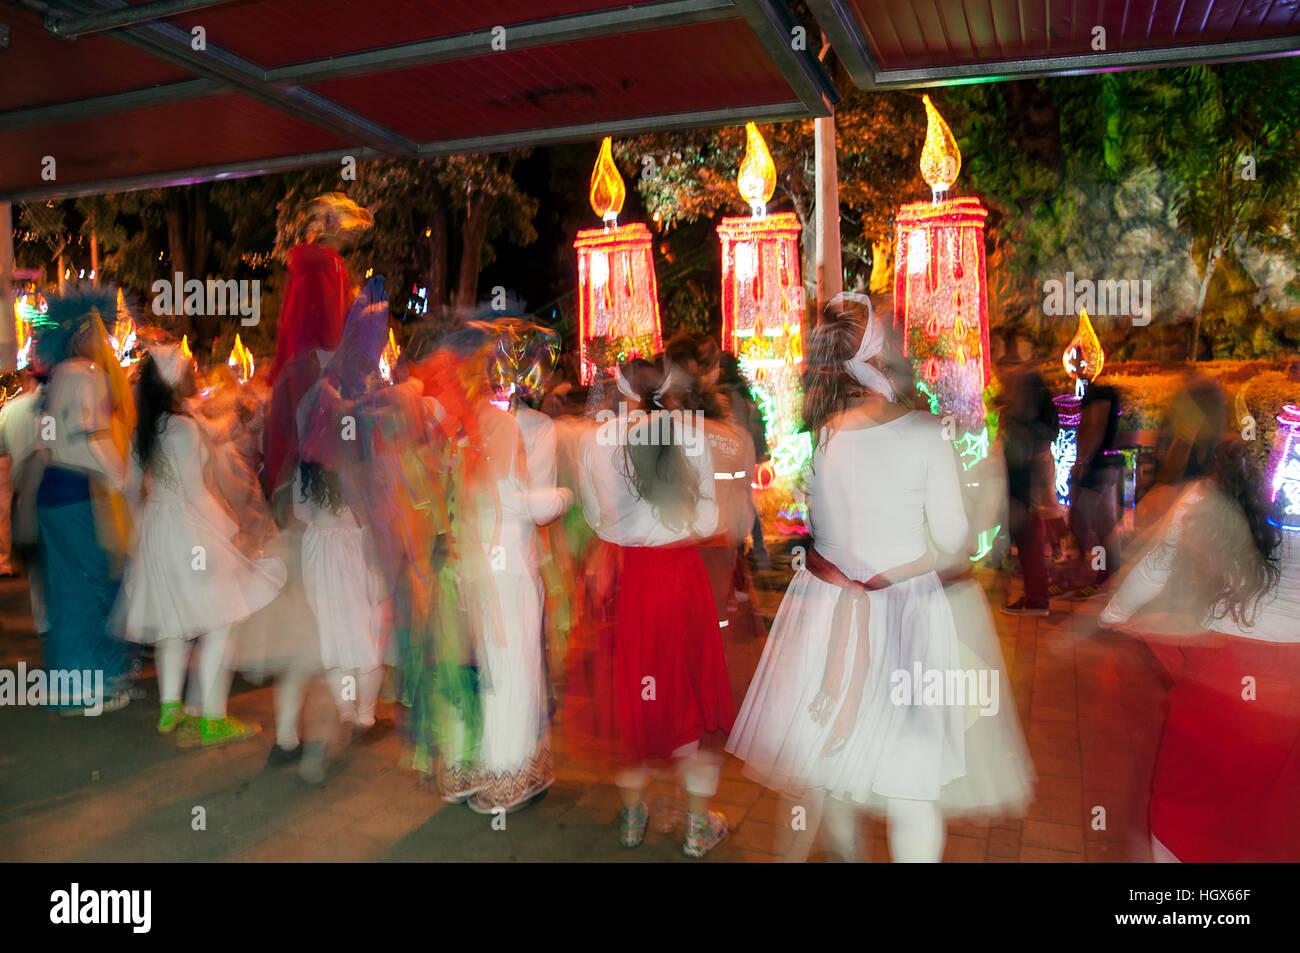 Medellín, Colombia - Diciembre 14, 2016: Los niños bailando con coloridos trajes en North Park (Parque Imagen De Stock